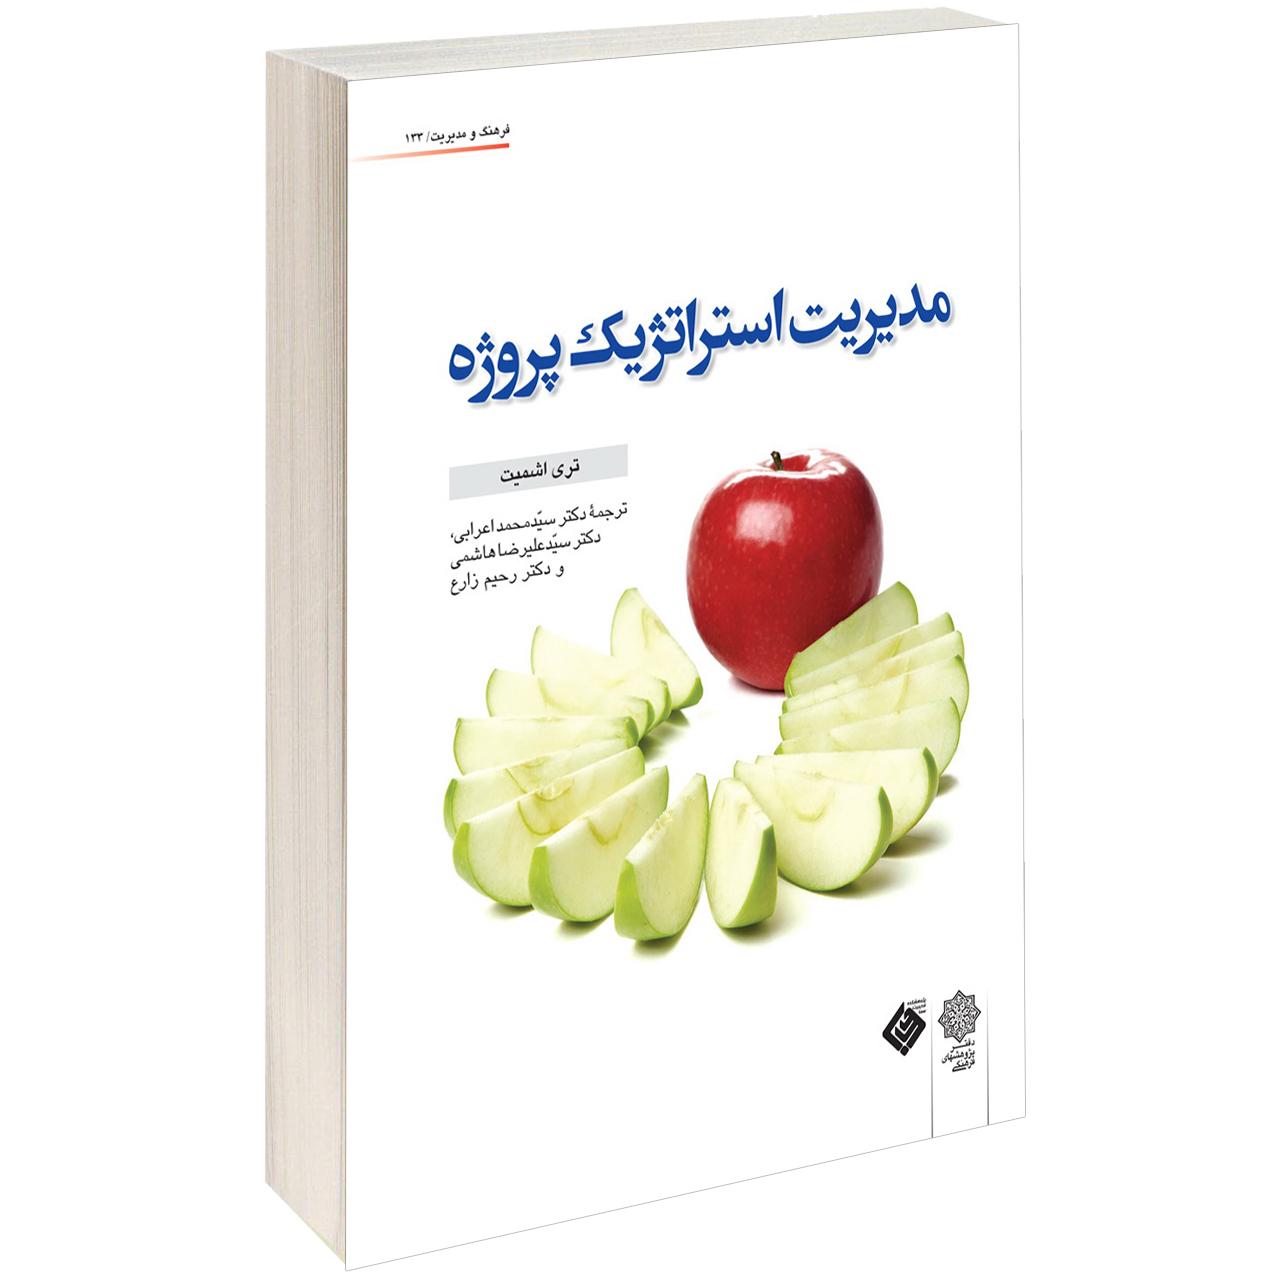 کتاب مدیریت استراتژیک پروژہ اثر تری اشمیت